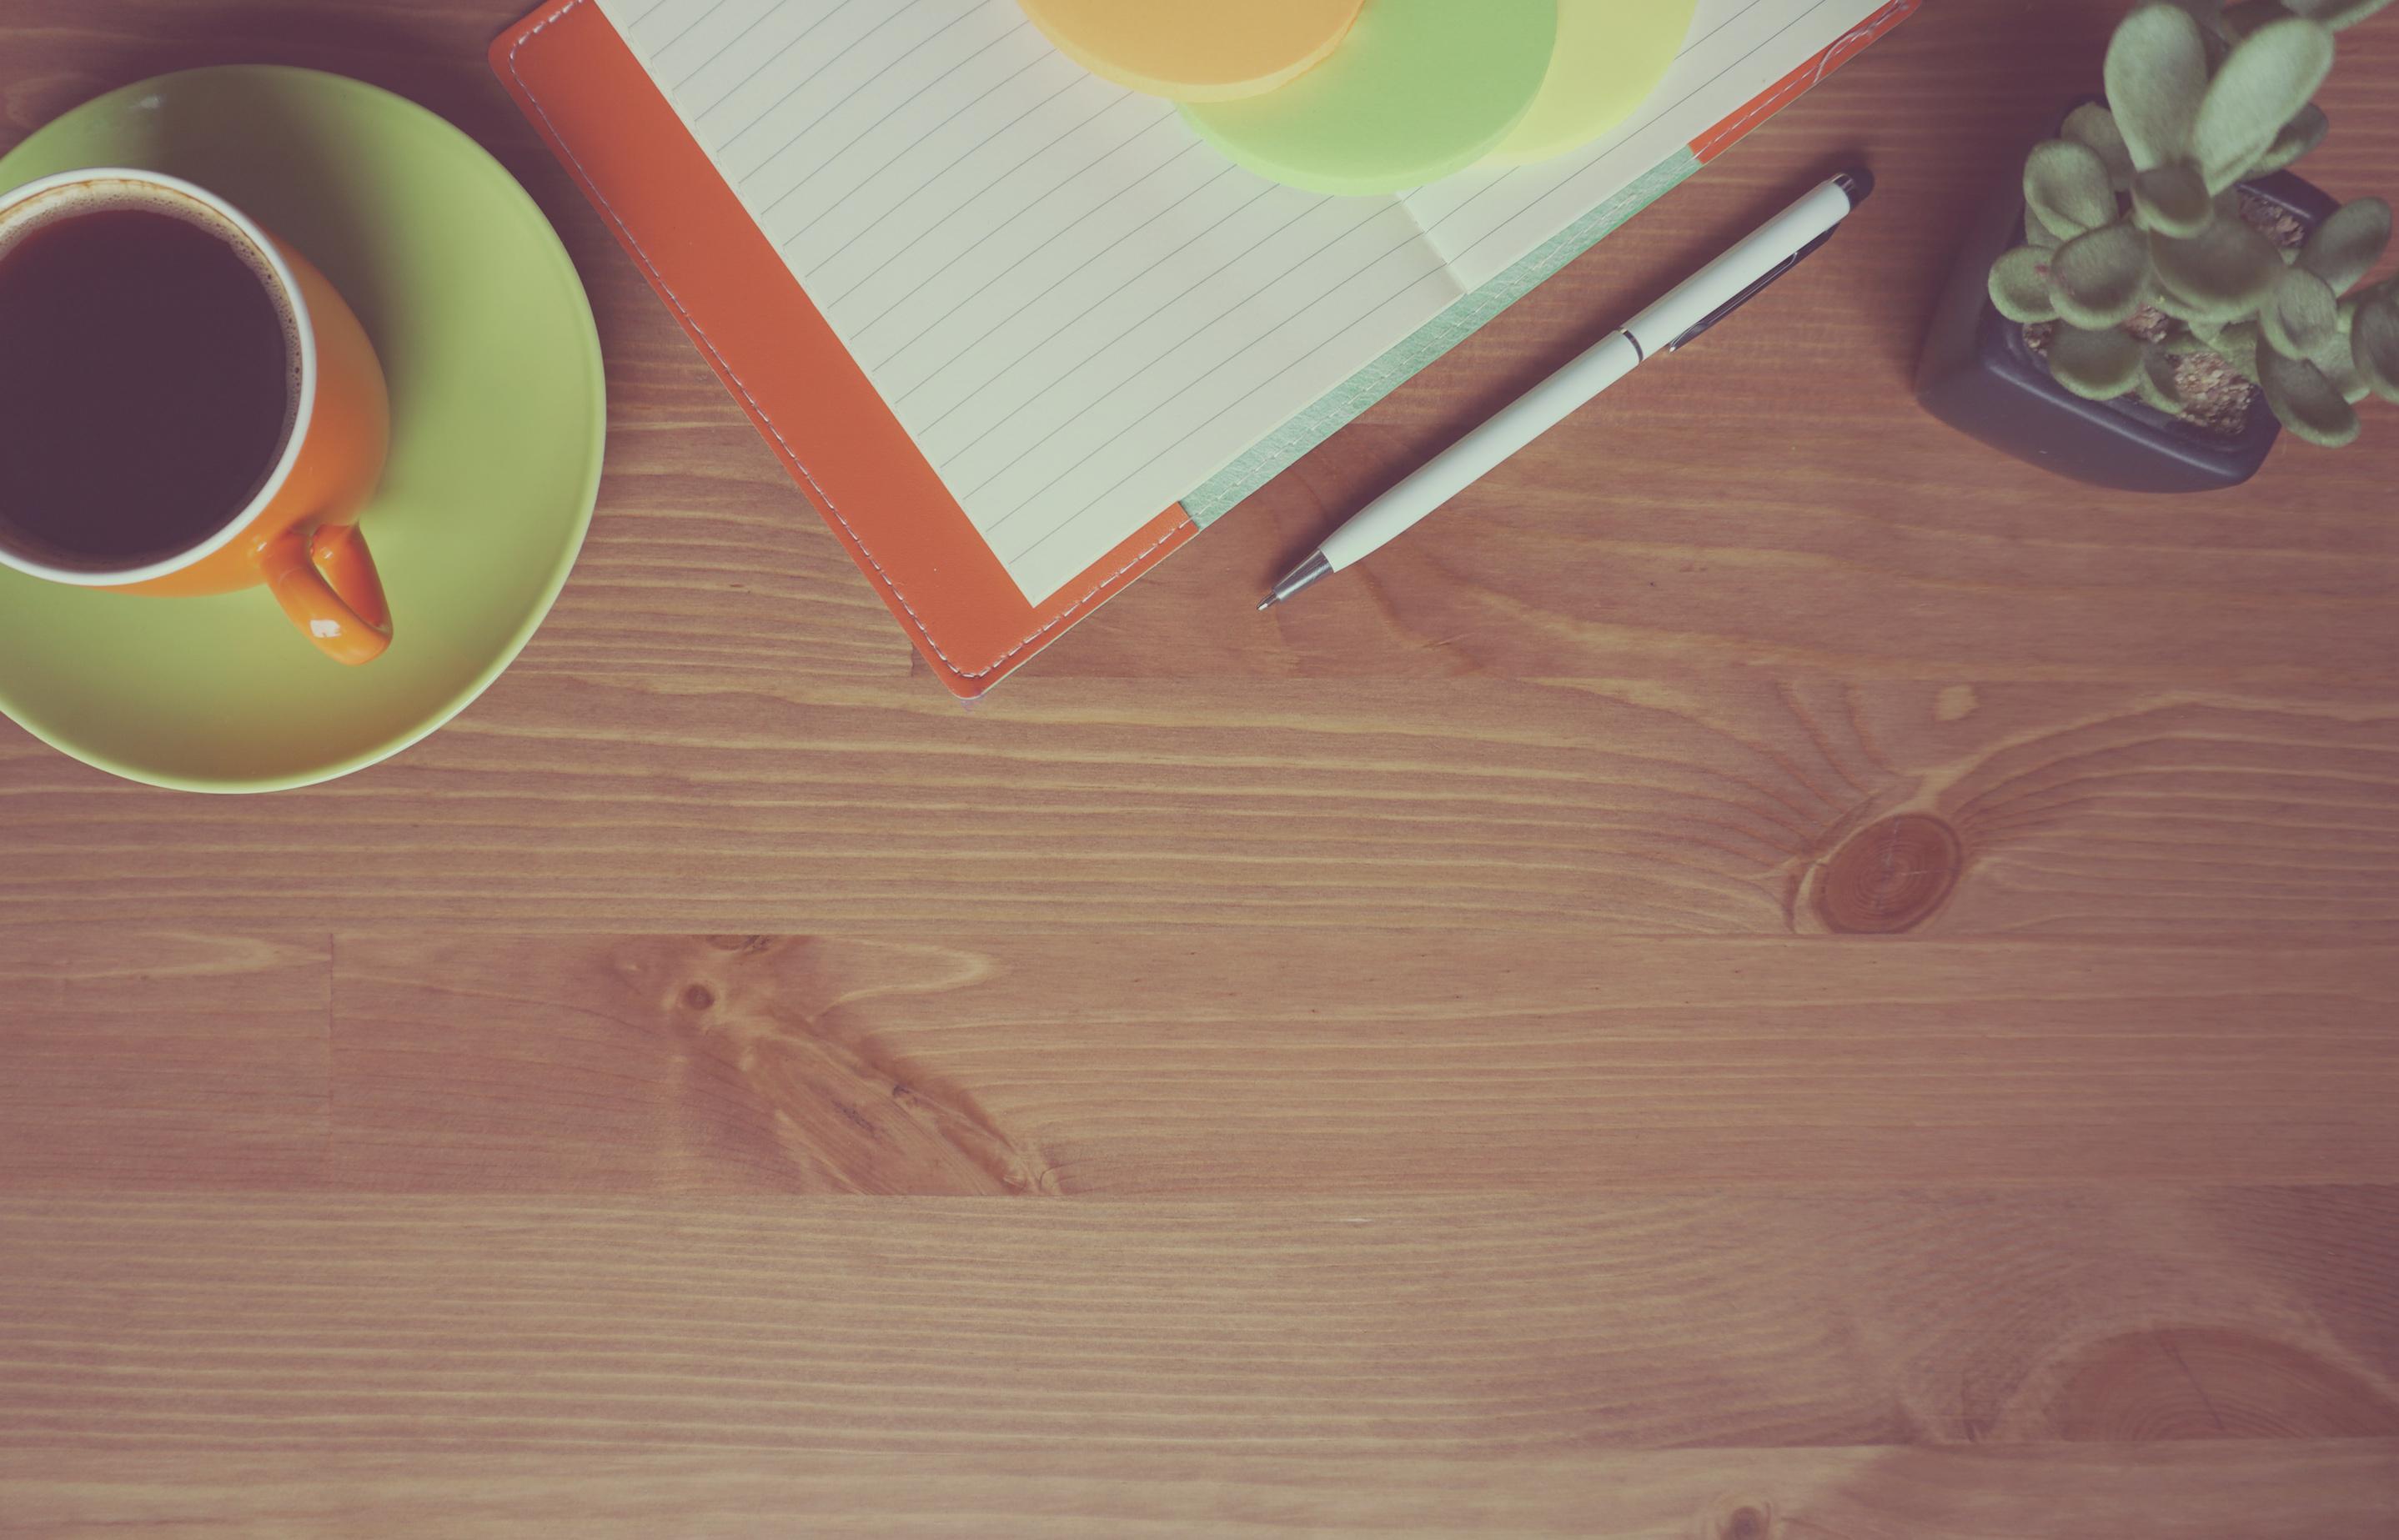 Finest Free Images : desk, notebook, work, table, wood, leaf, floor, pen  GG05